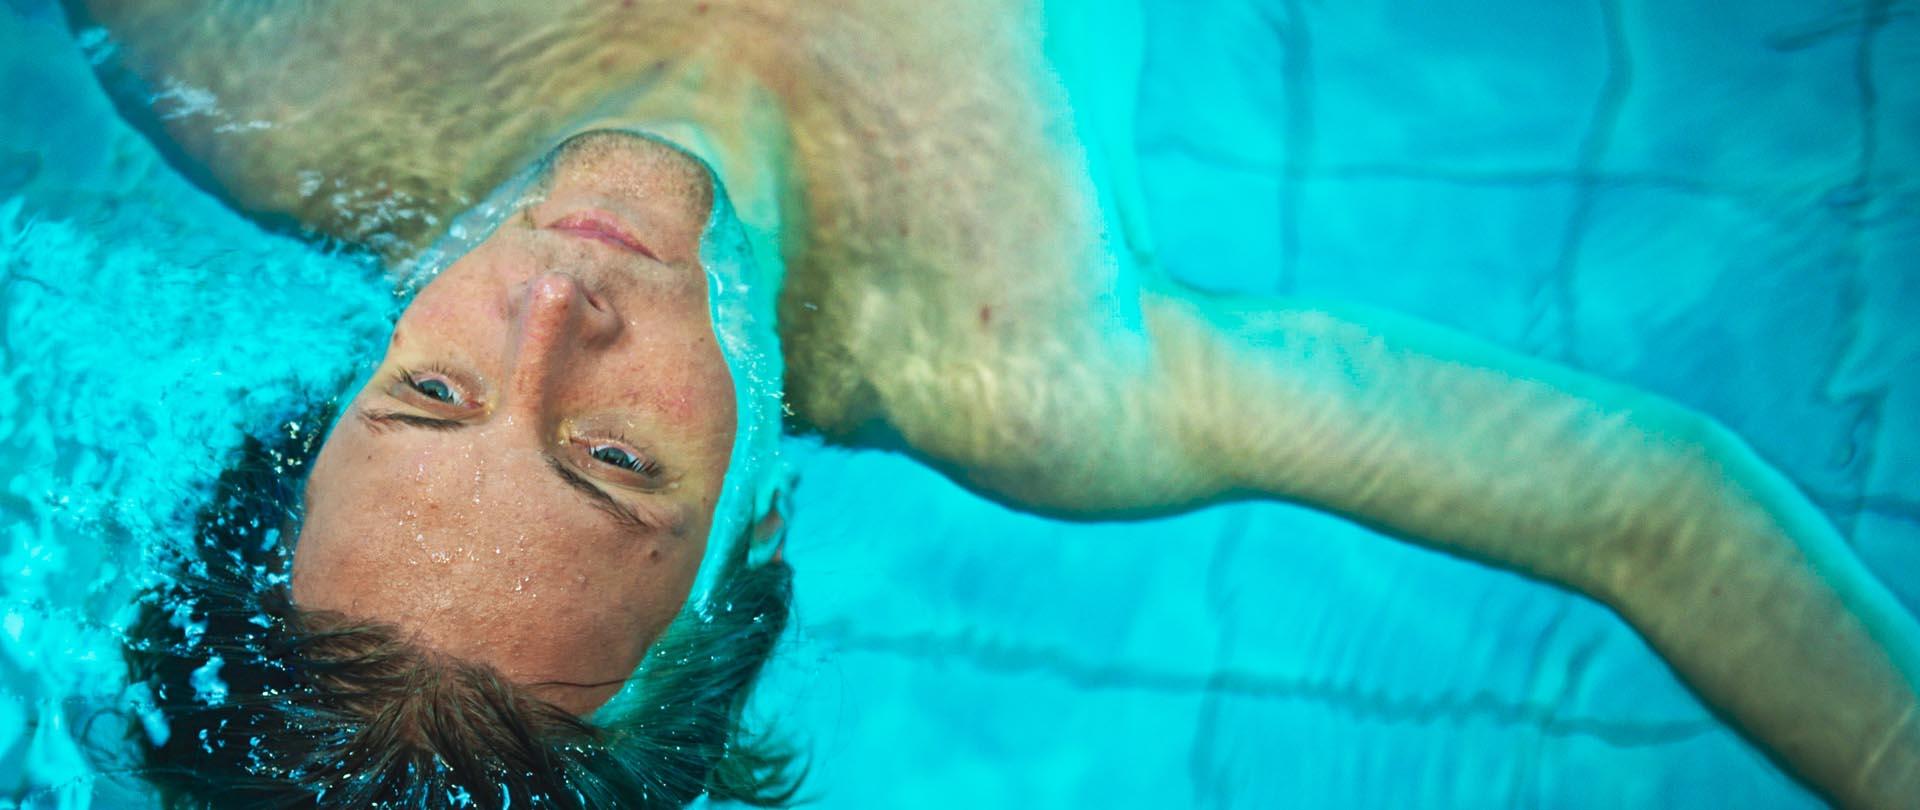 Fabian Kloiber in Fluten (2019, Georg Pelzer) - Filmstill